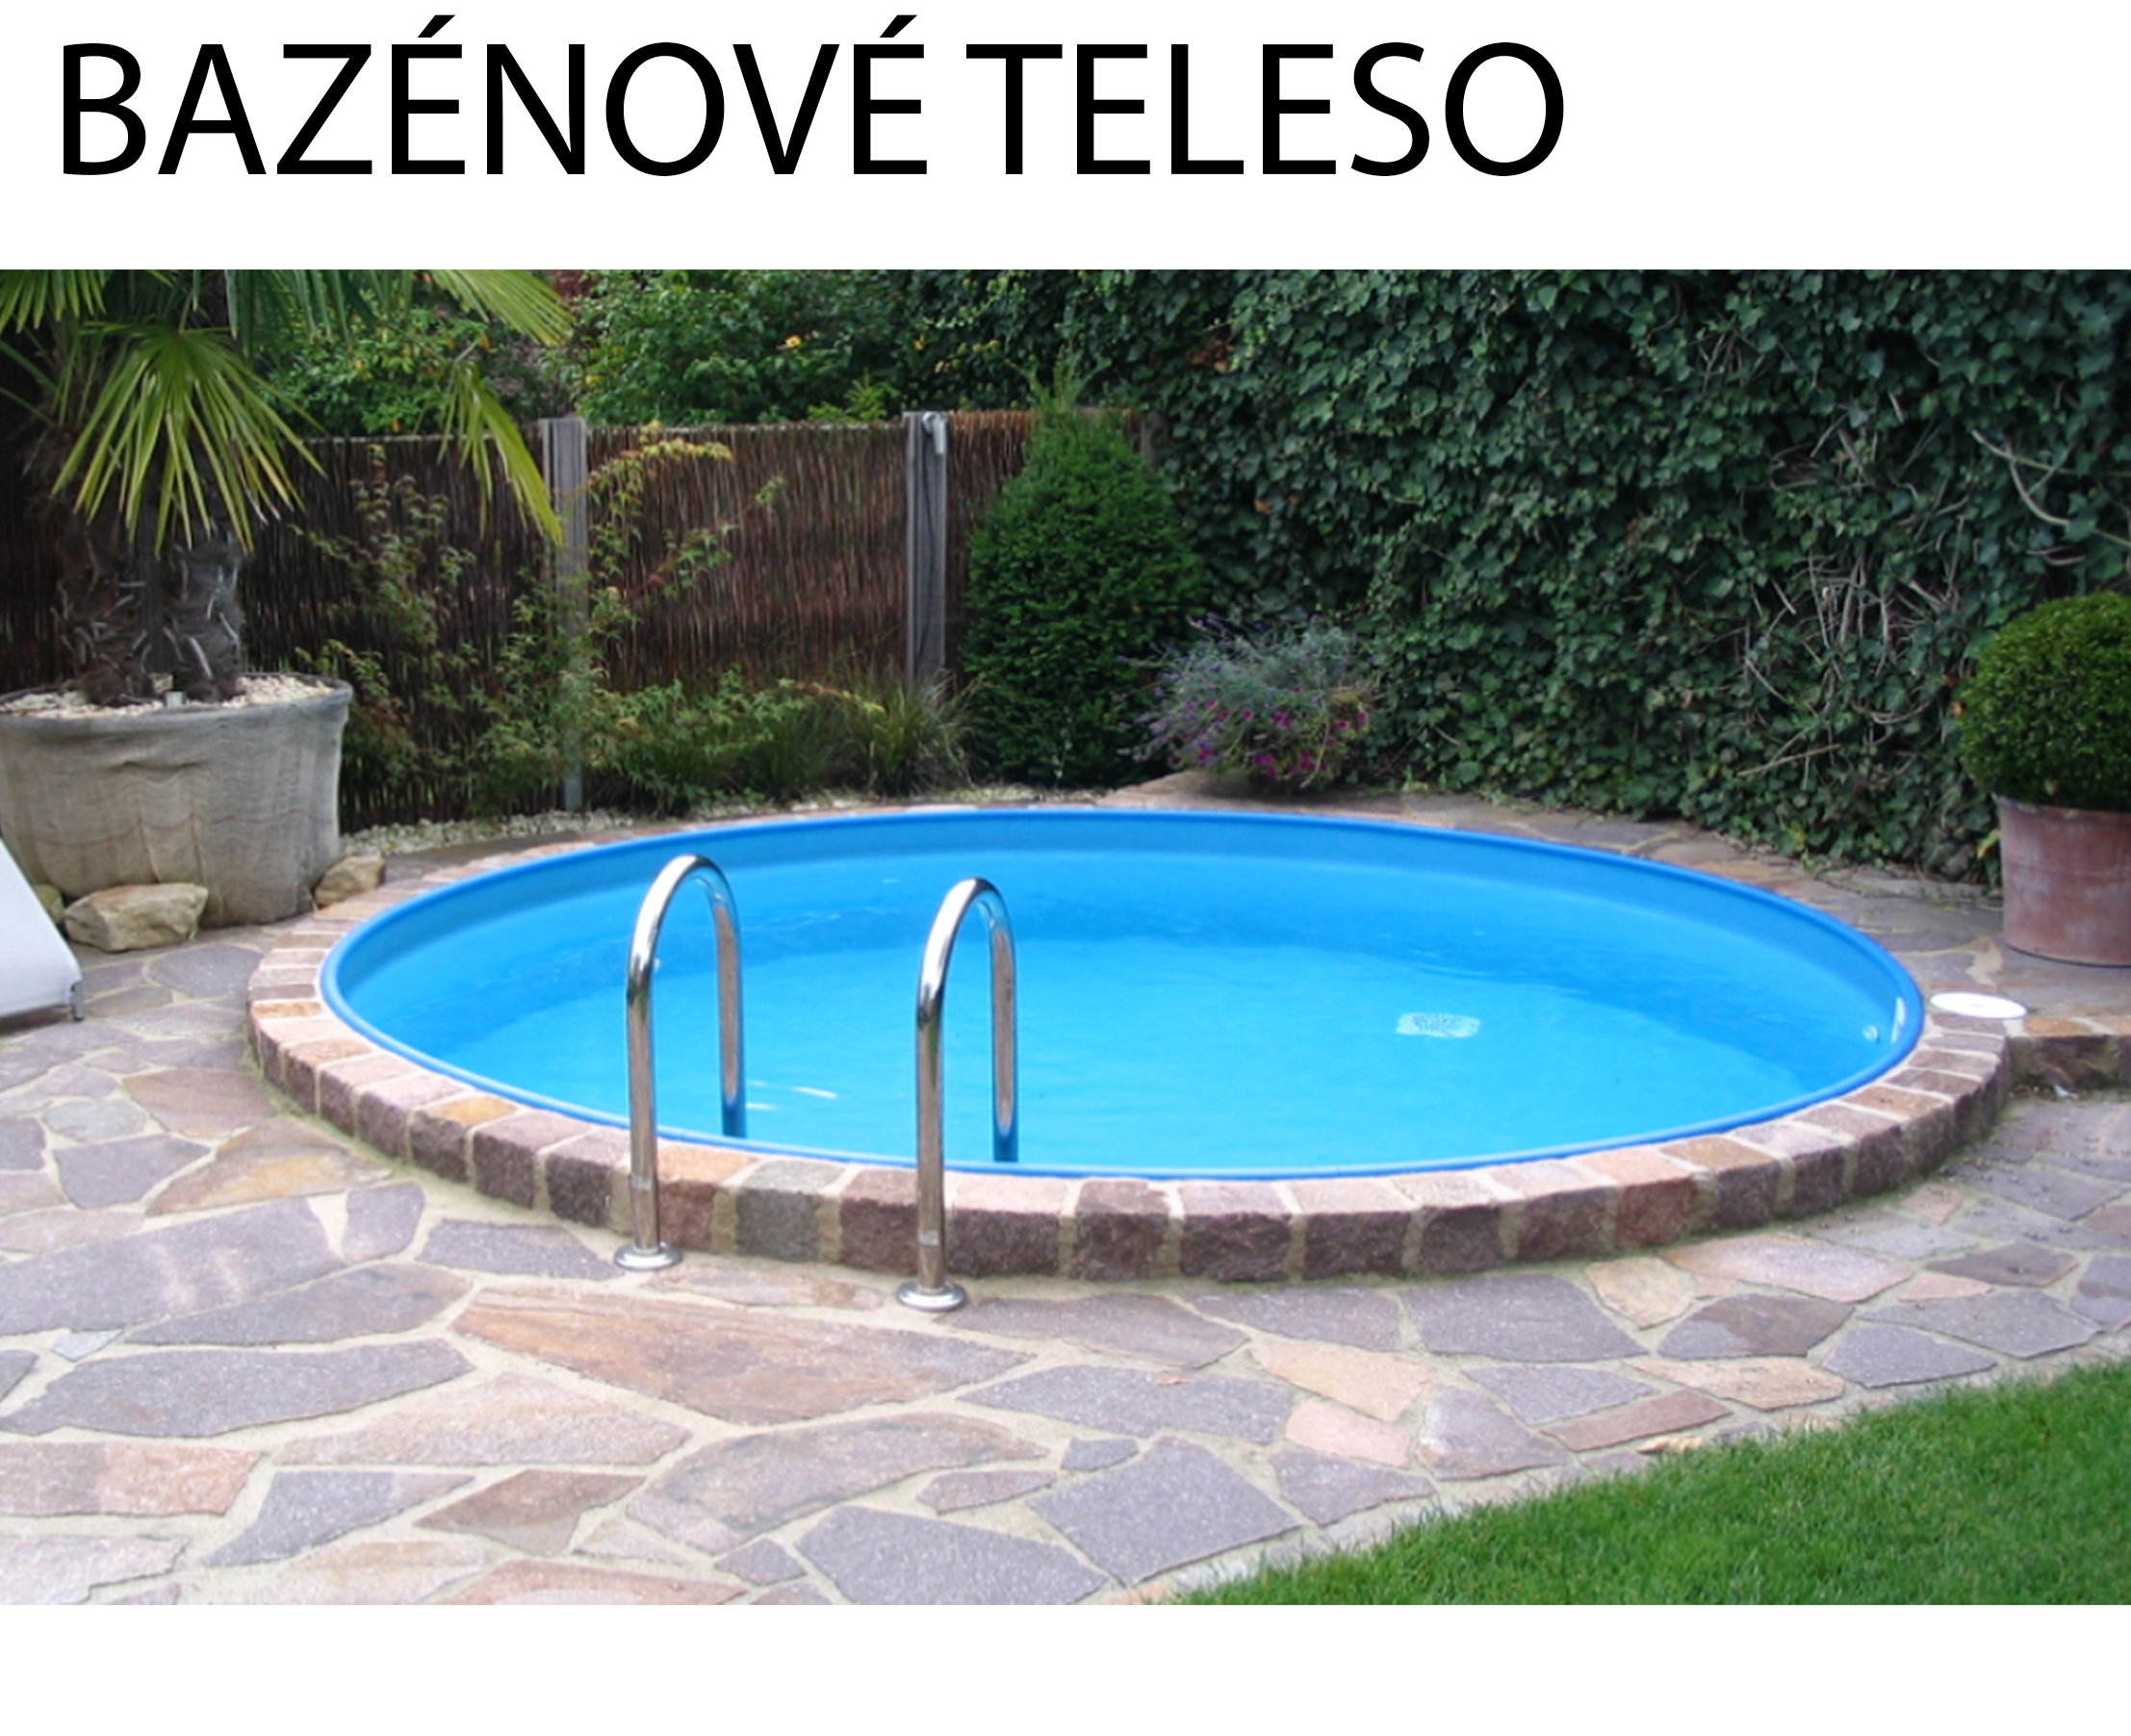 Hobbypool Trend 350 Bazénové Teleso 35 X 12 M